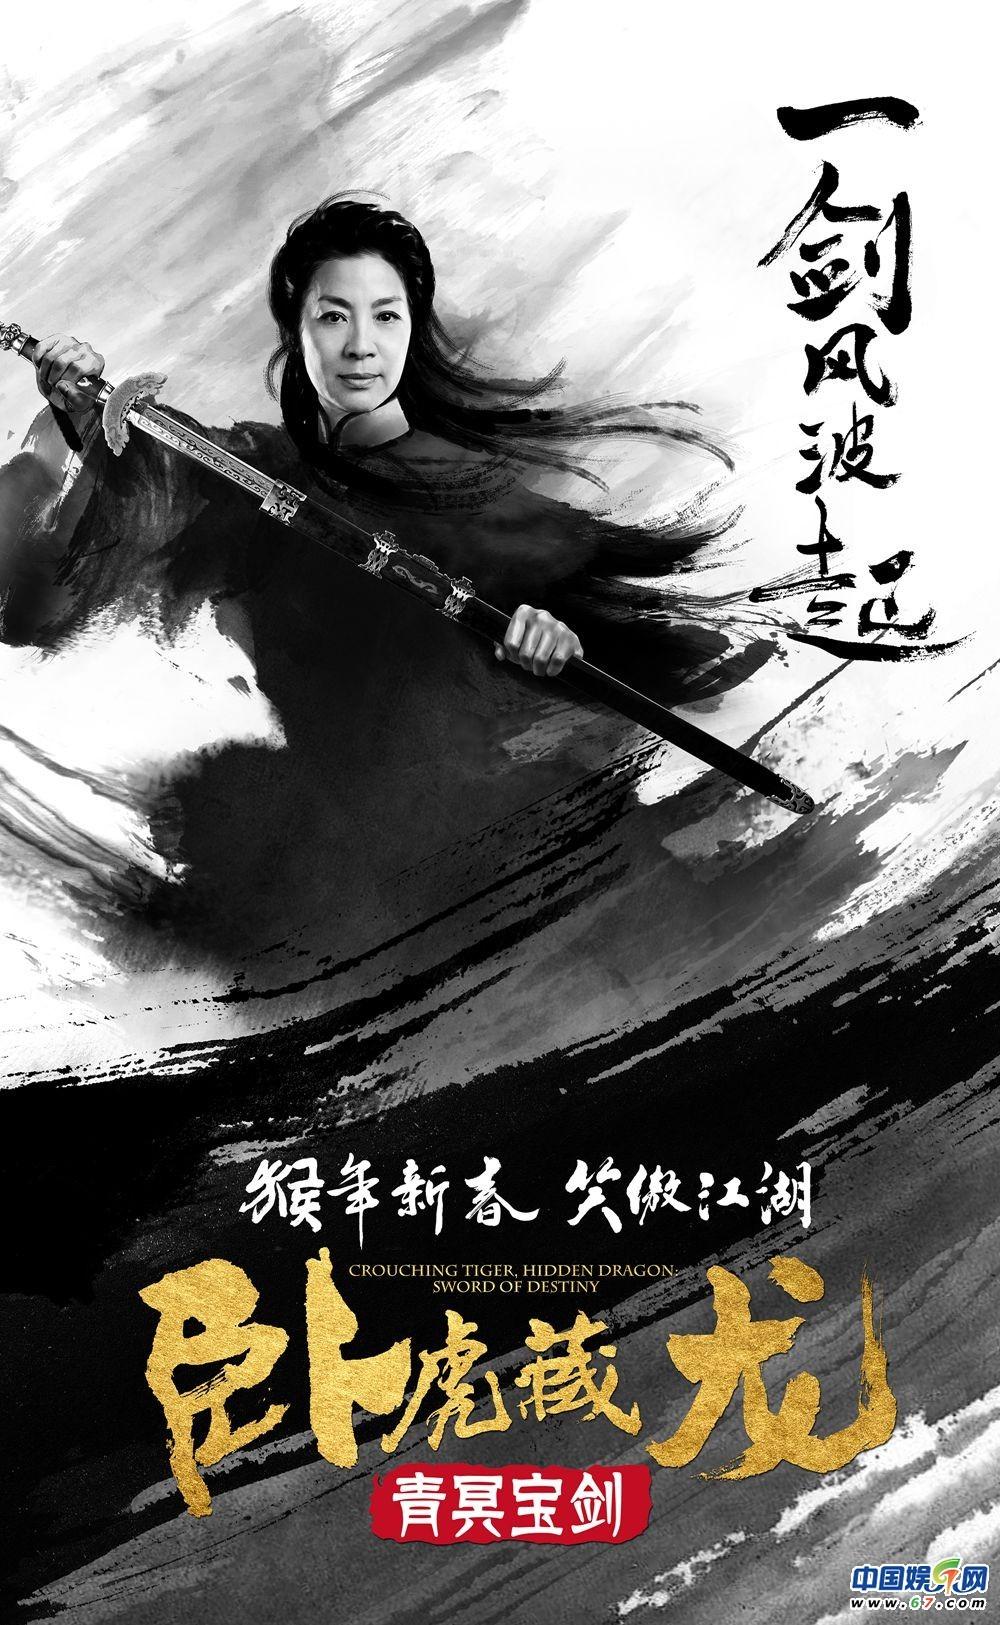 """这款水墨风格海报最大限度体现了电影的东方武侠情缘,配以字卡""""十年磨图片"""